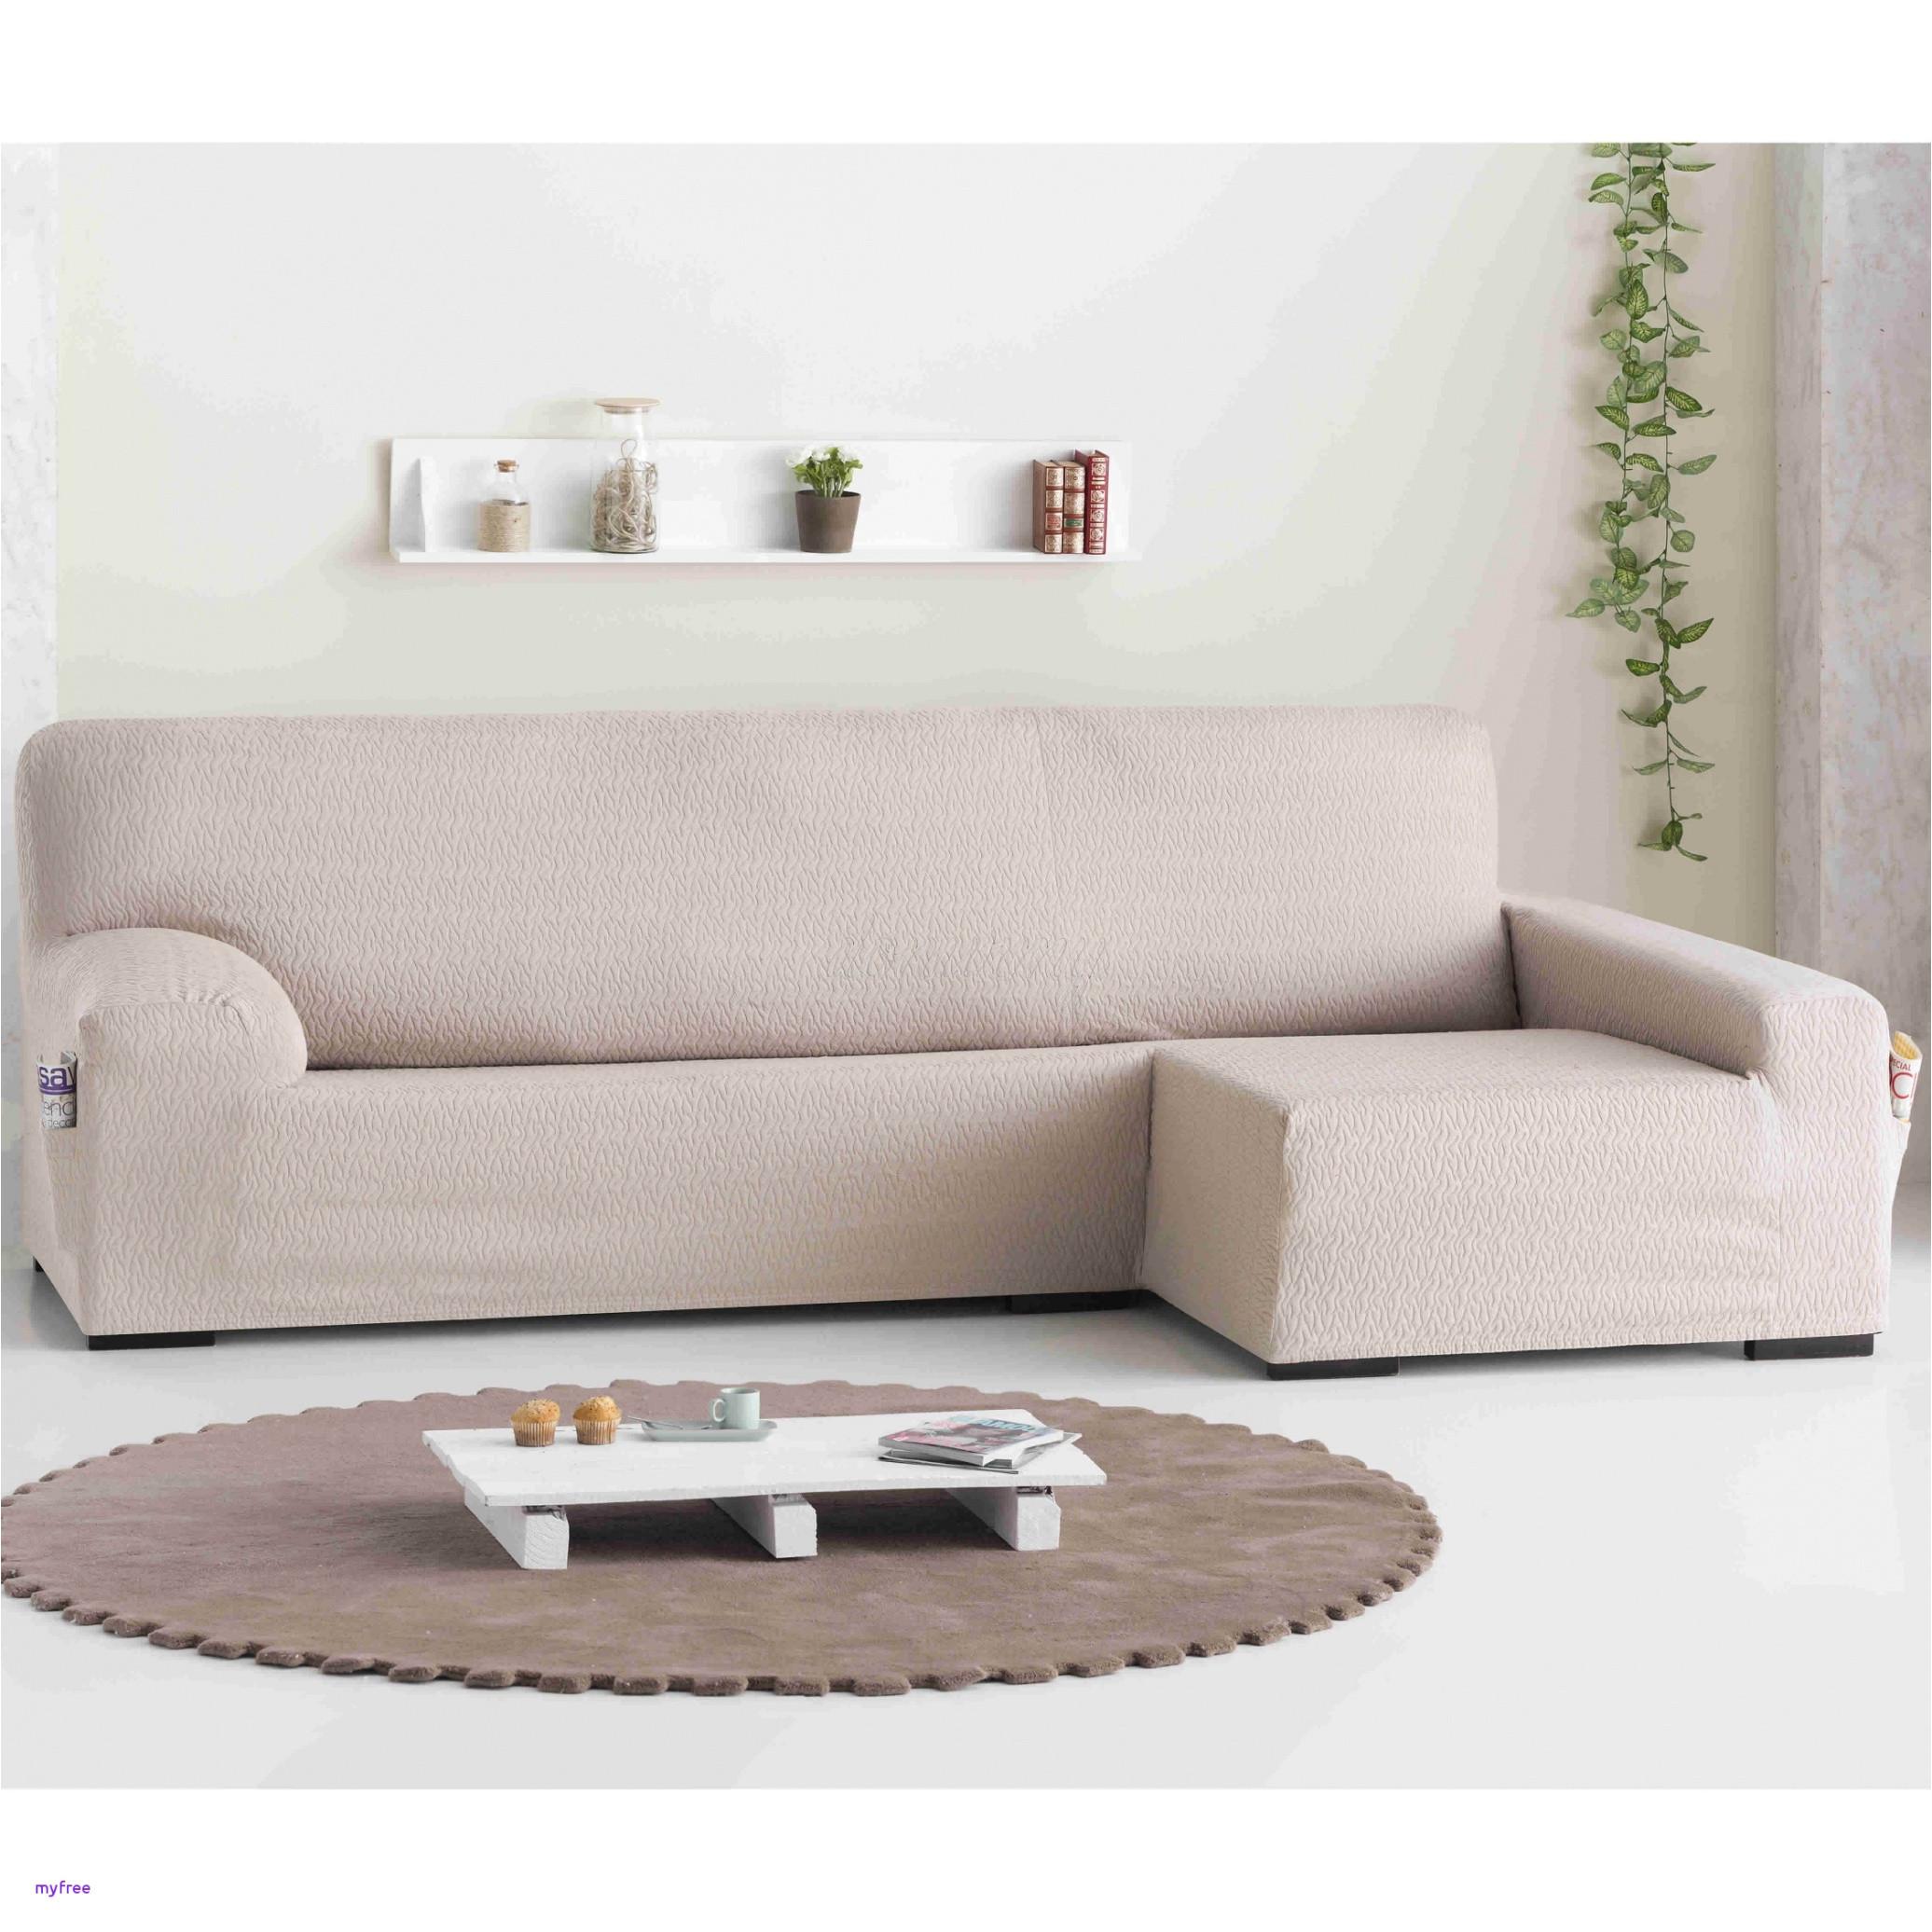 Fundas para sofas baratas carrefour fundas de sofa - Fundas sofas ajustables ...